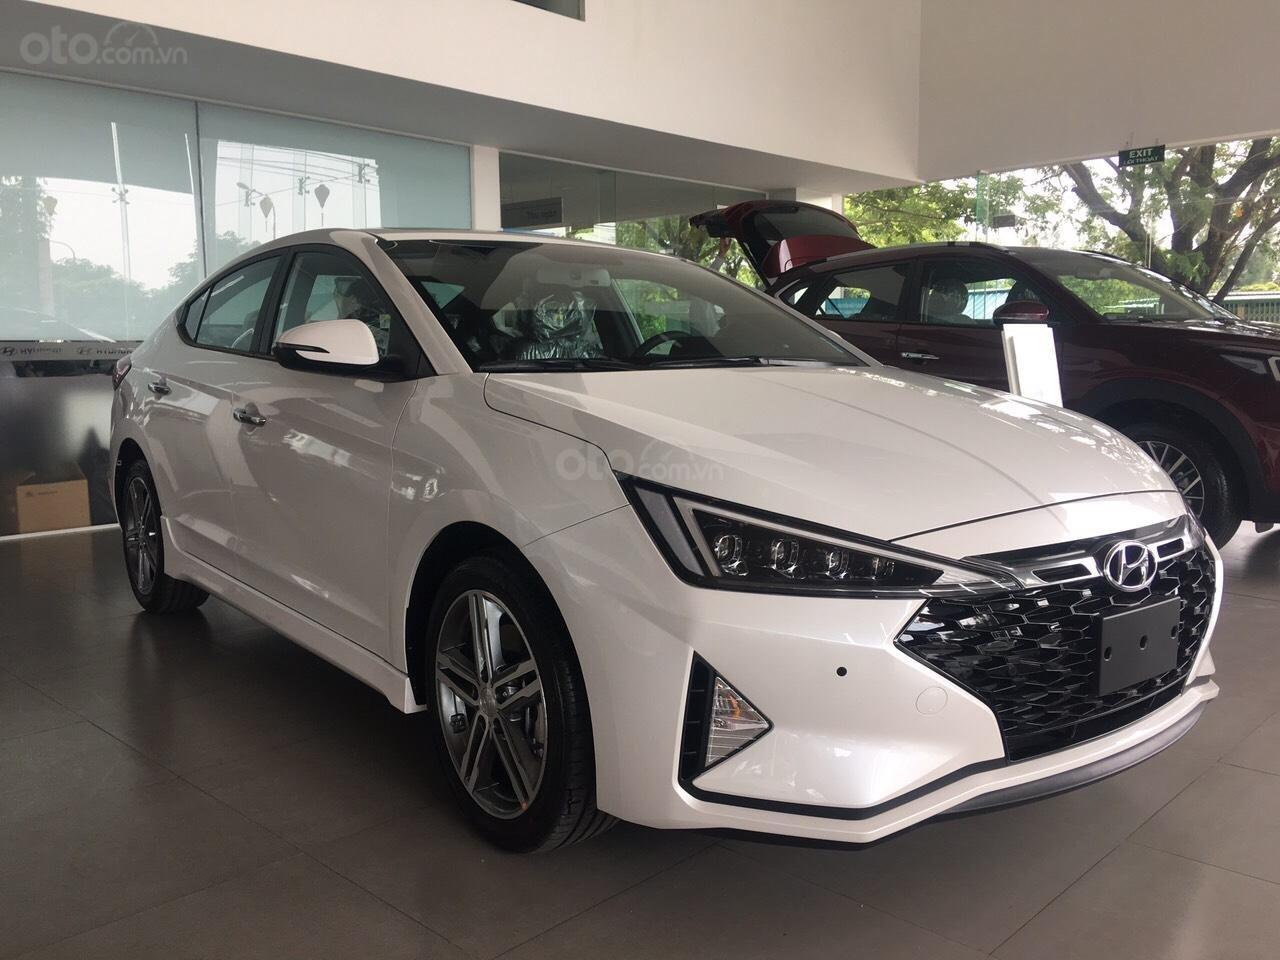 Bán xe Hyundai Elantra 2019 có sẵn, giảm ngay 20Tr tiền mặt và tặng dán phim chính hãng (1)